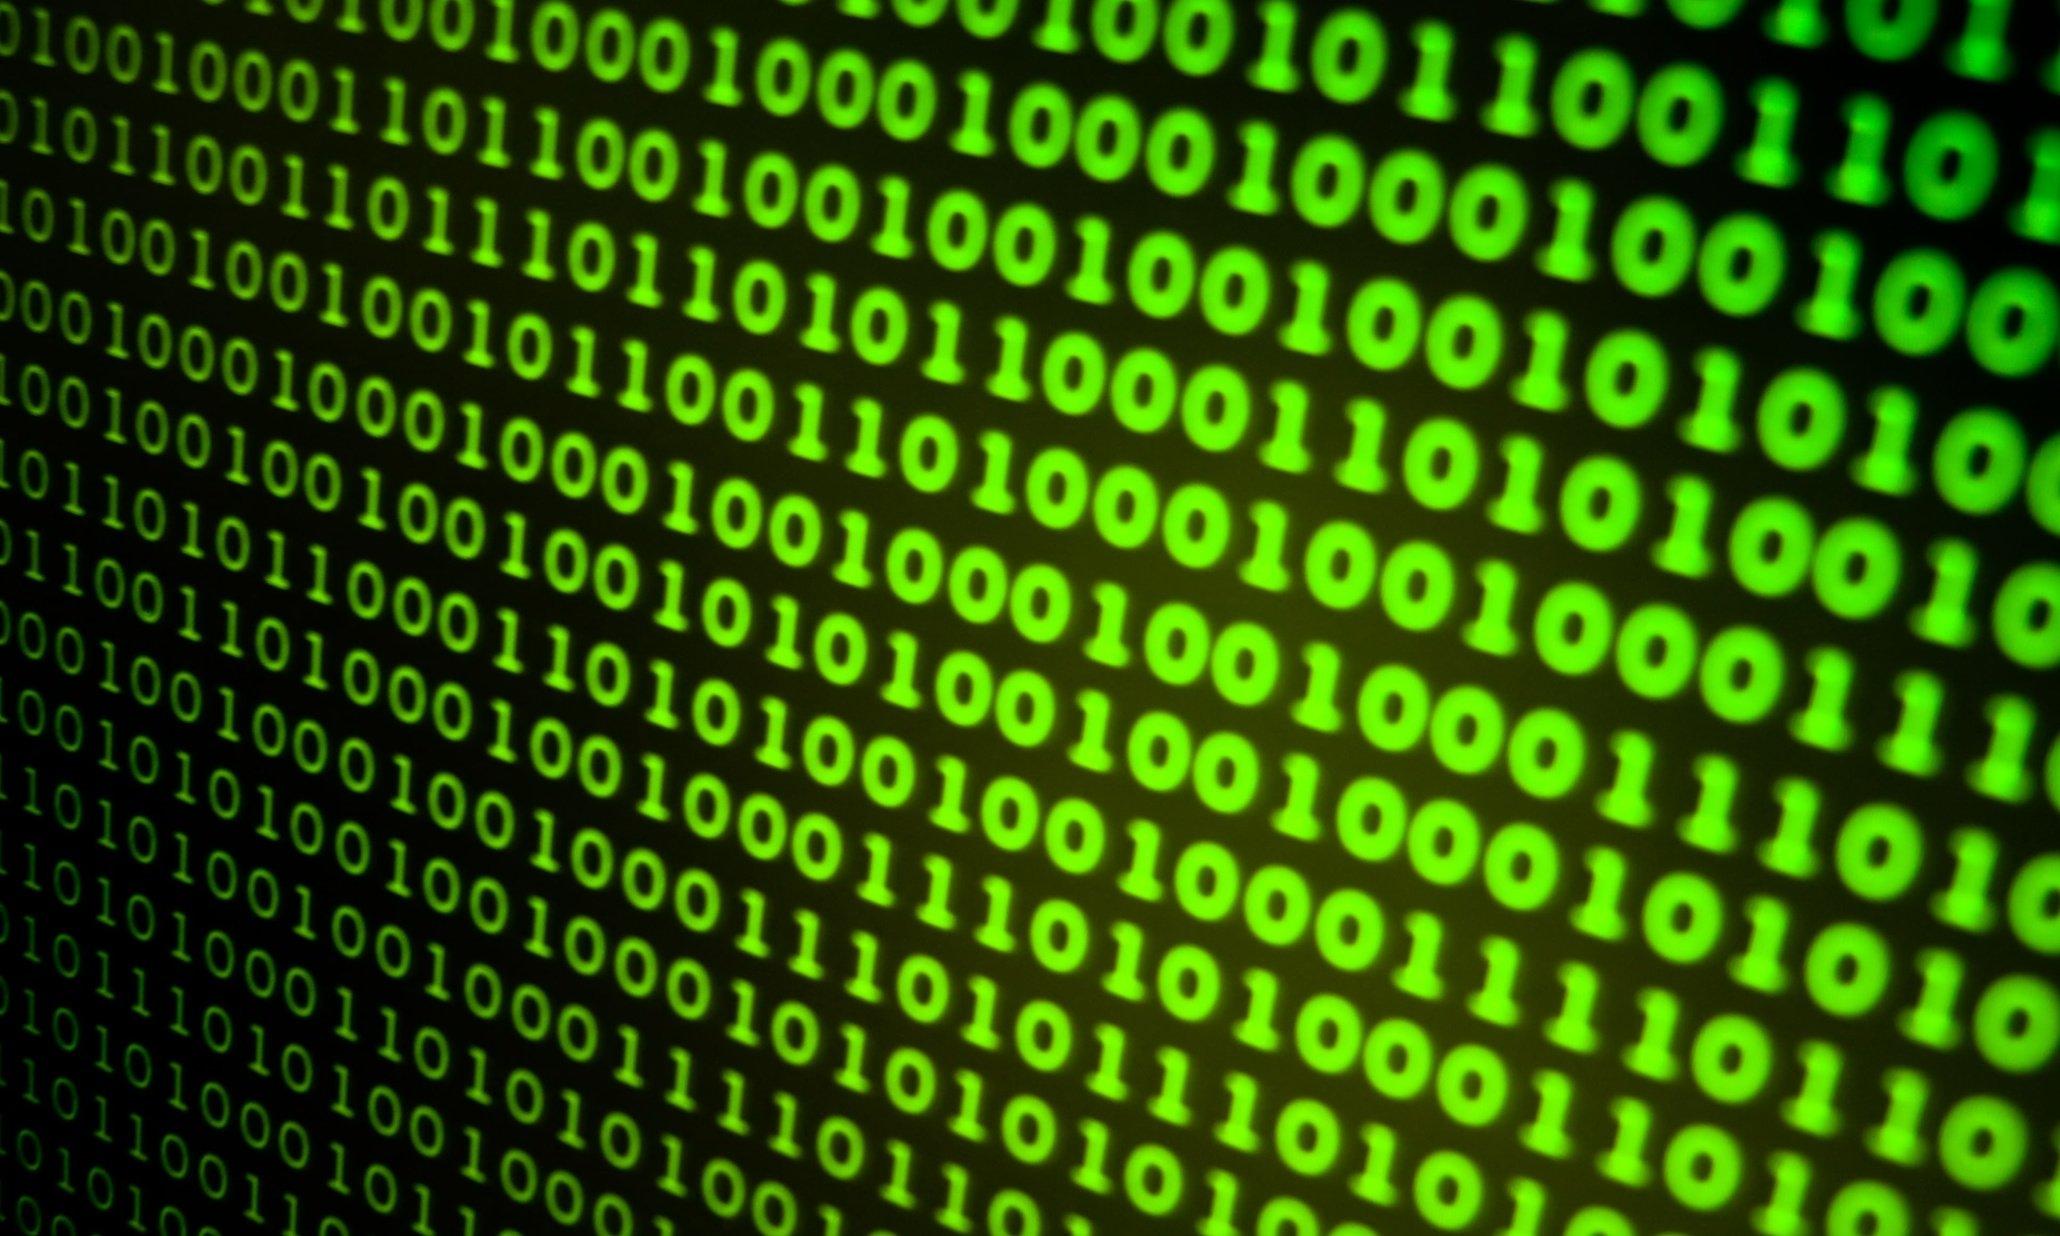 hacker code wallpaper - photo #5